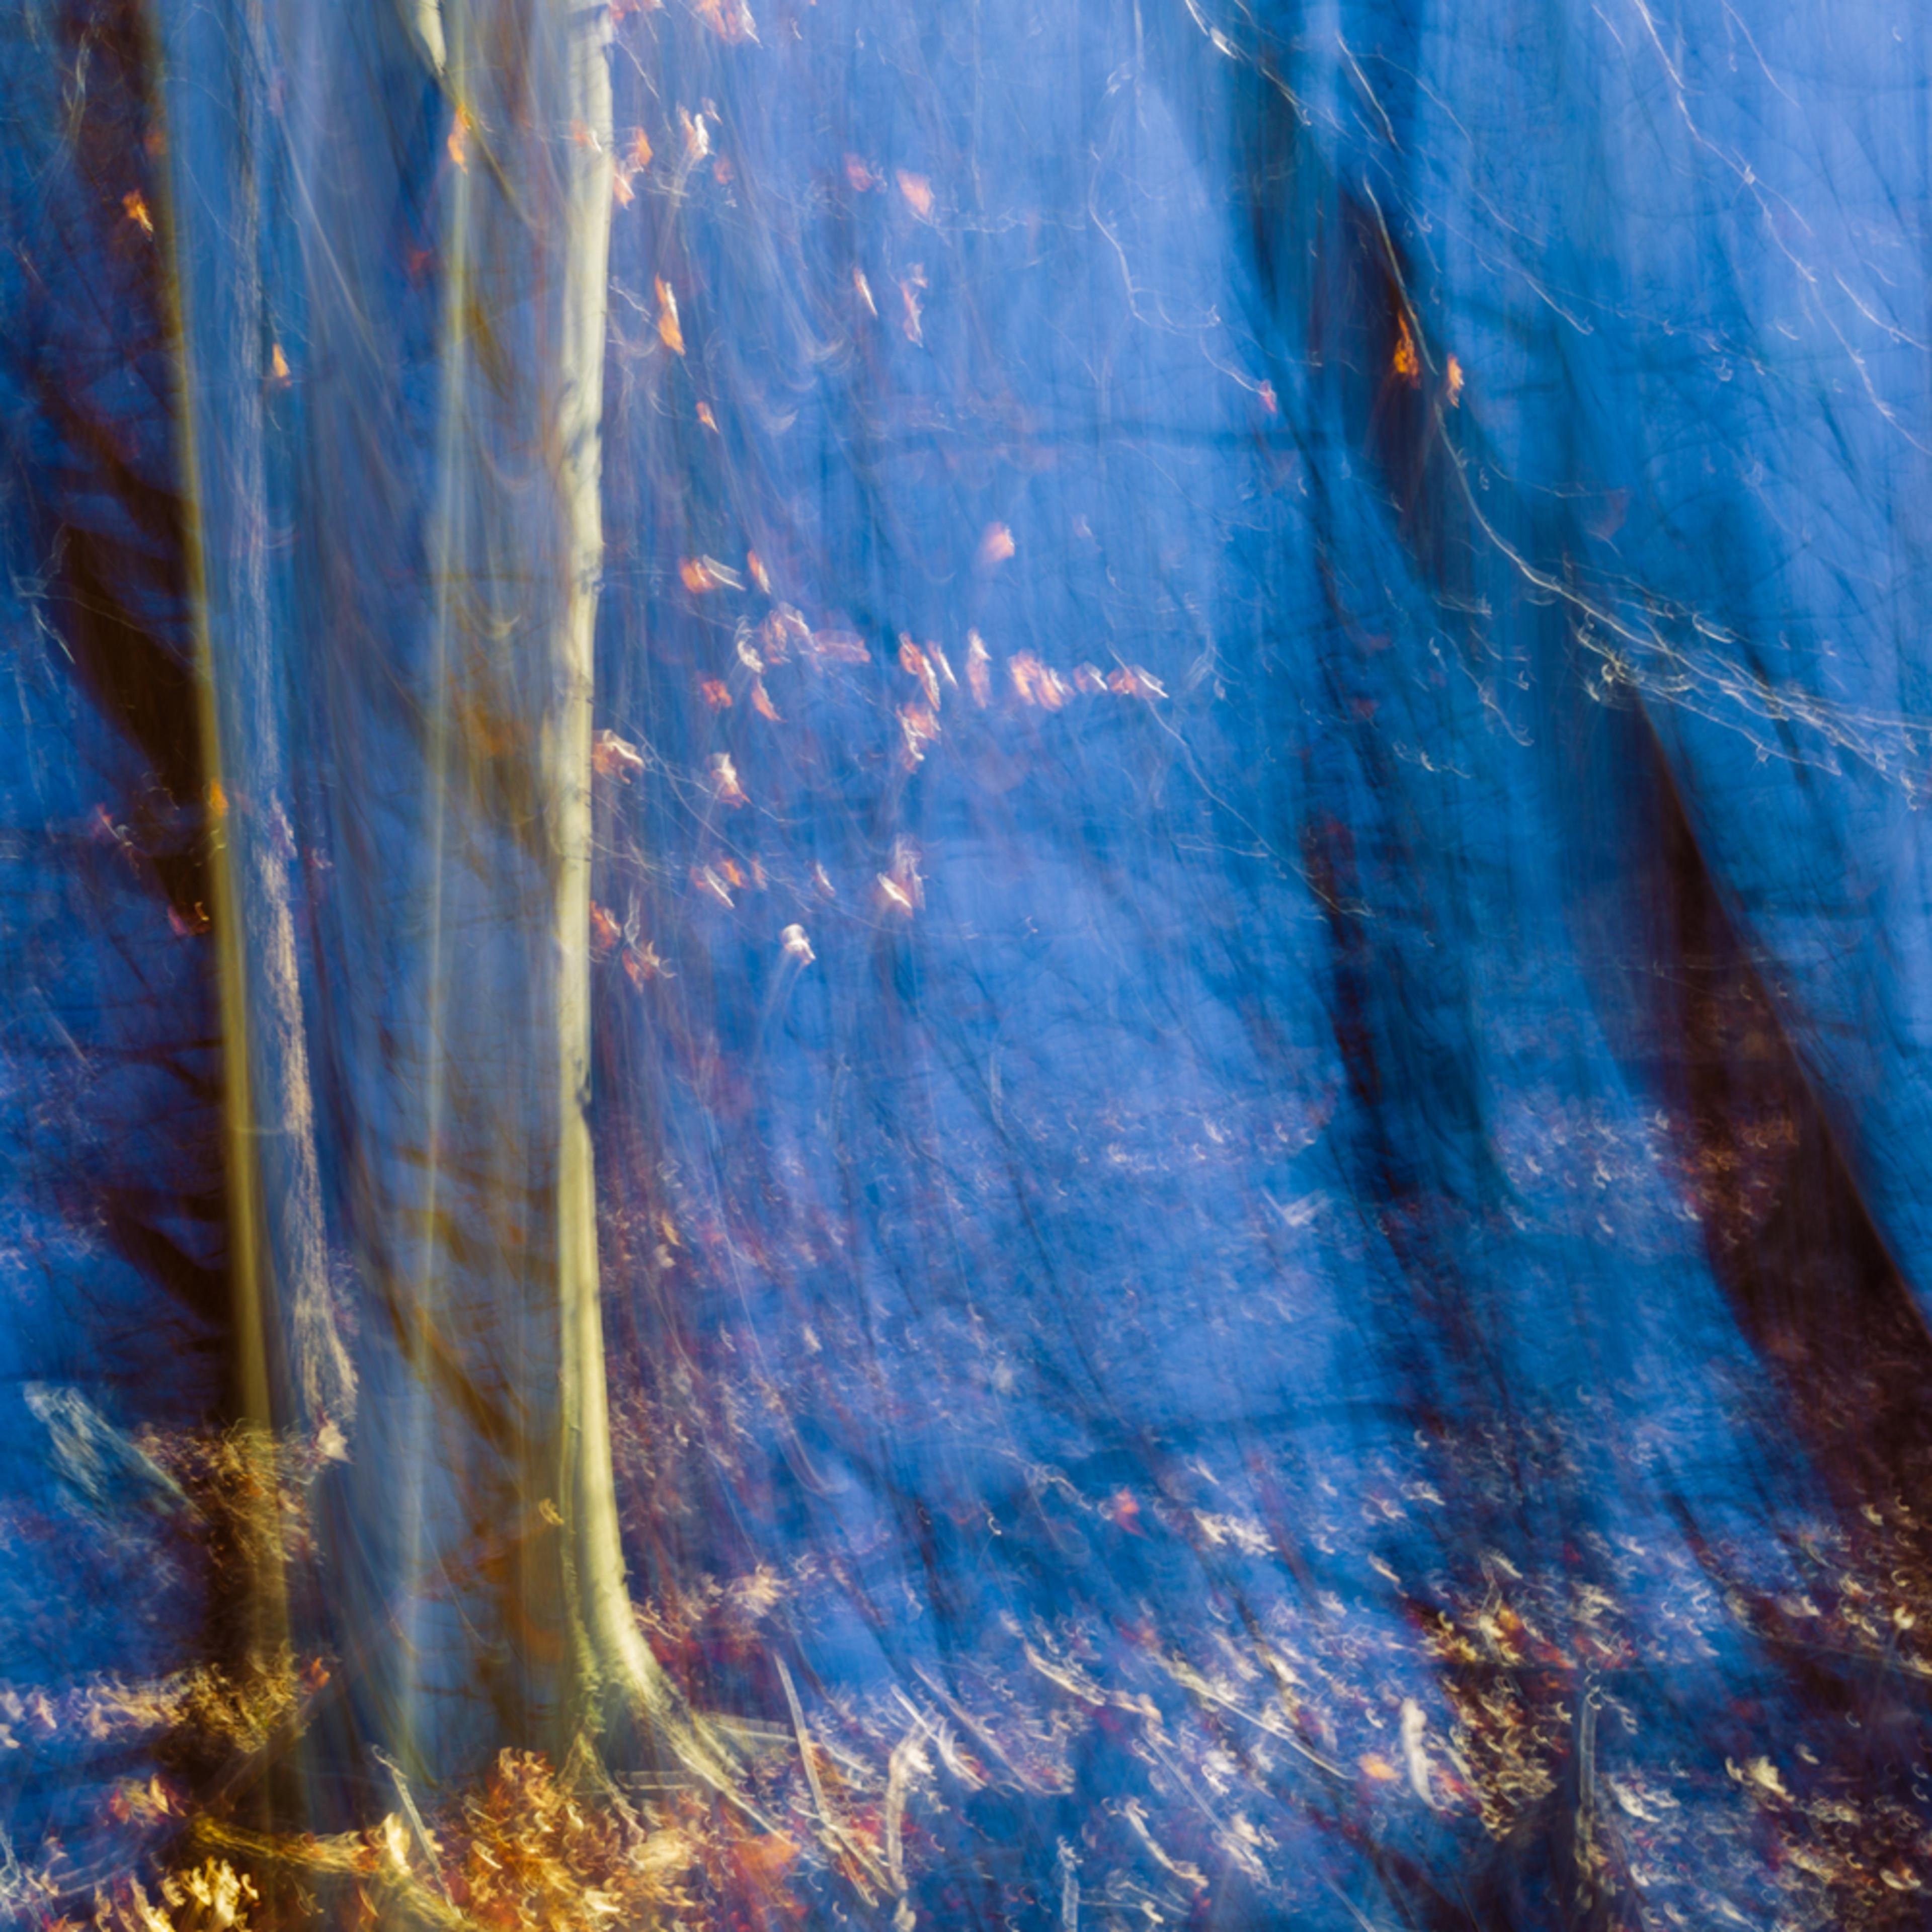 Nature abstract 4630 u7r2te